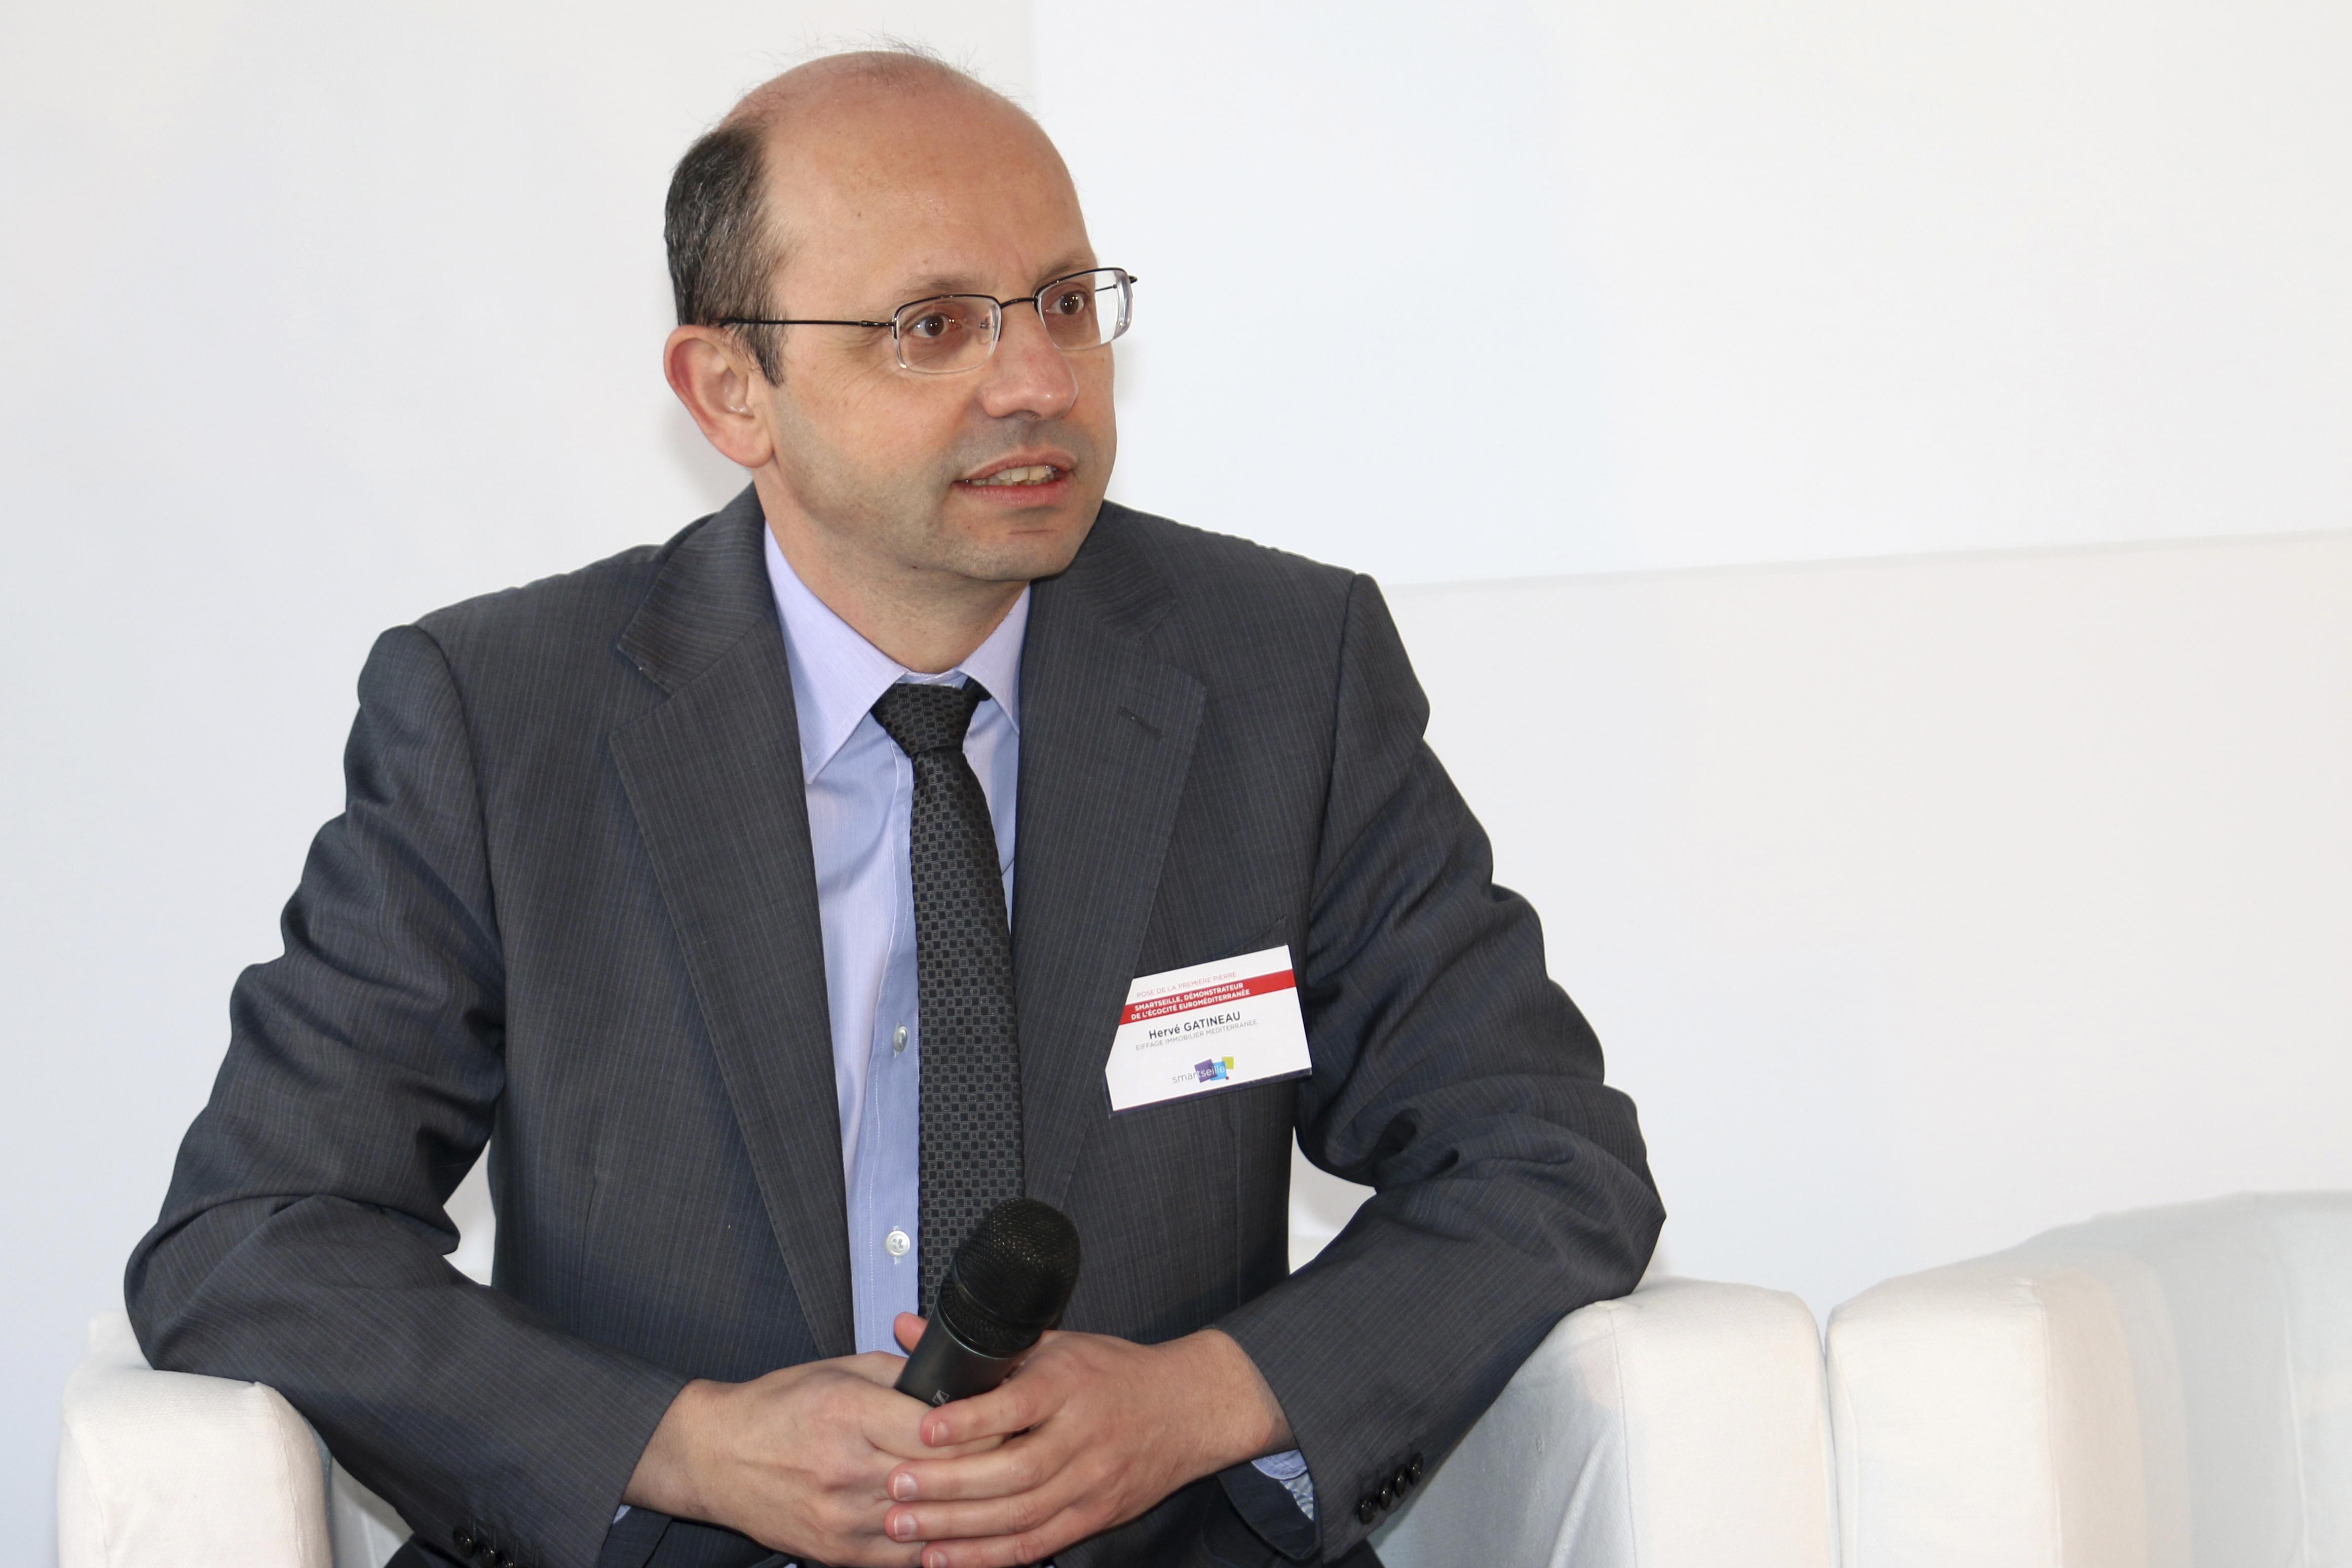 Hervé GATINEAU